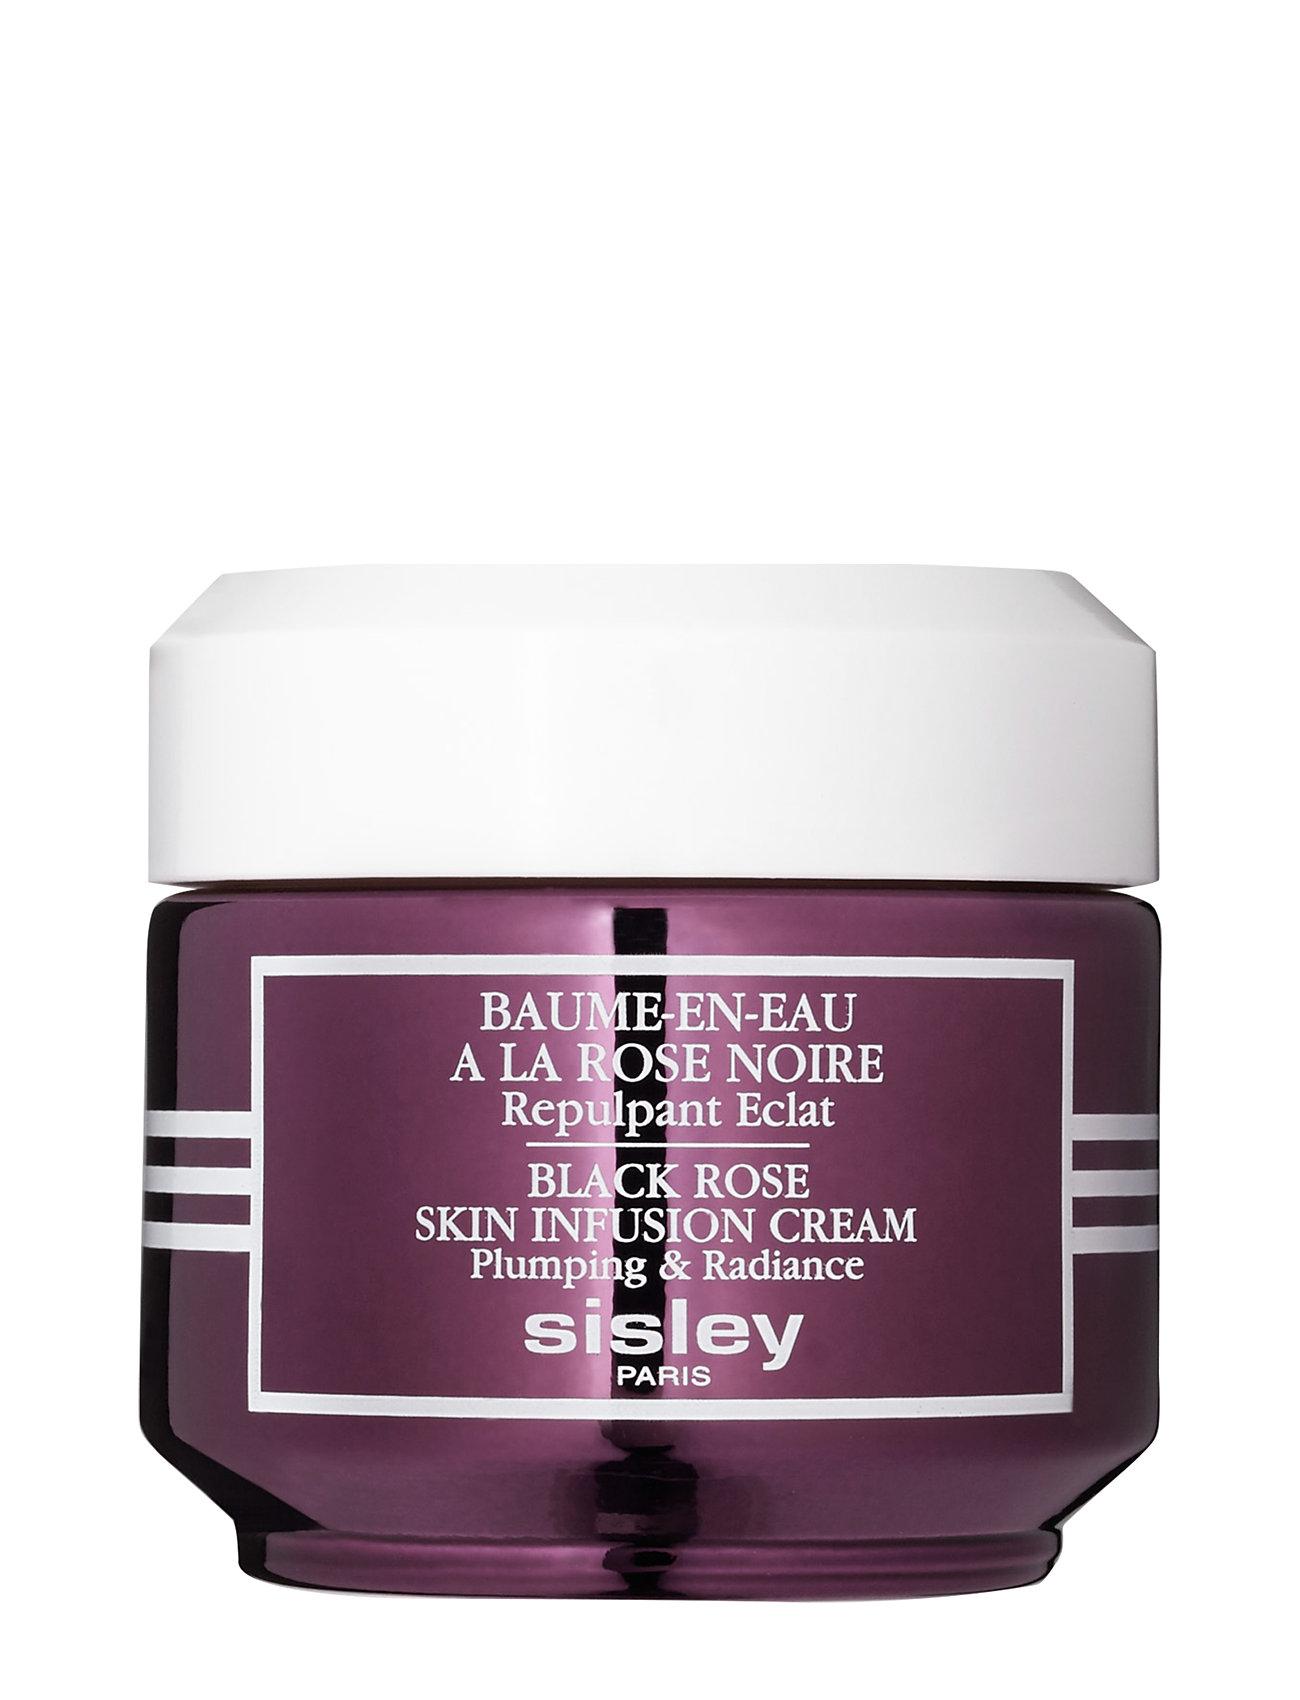 Sisley BLACK ROSE SKIN INFUSION CREAM 50ml - CLEAR